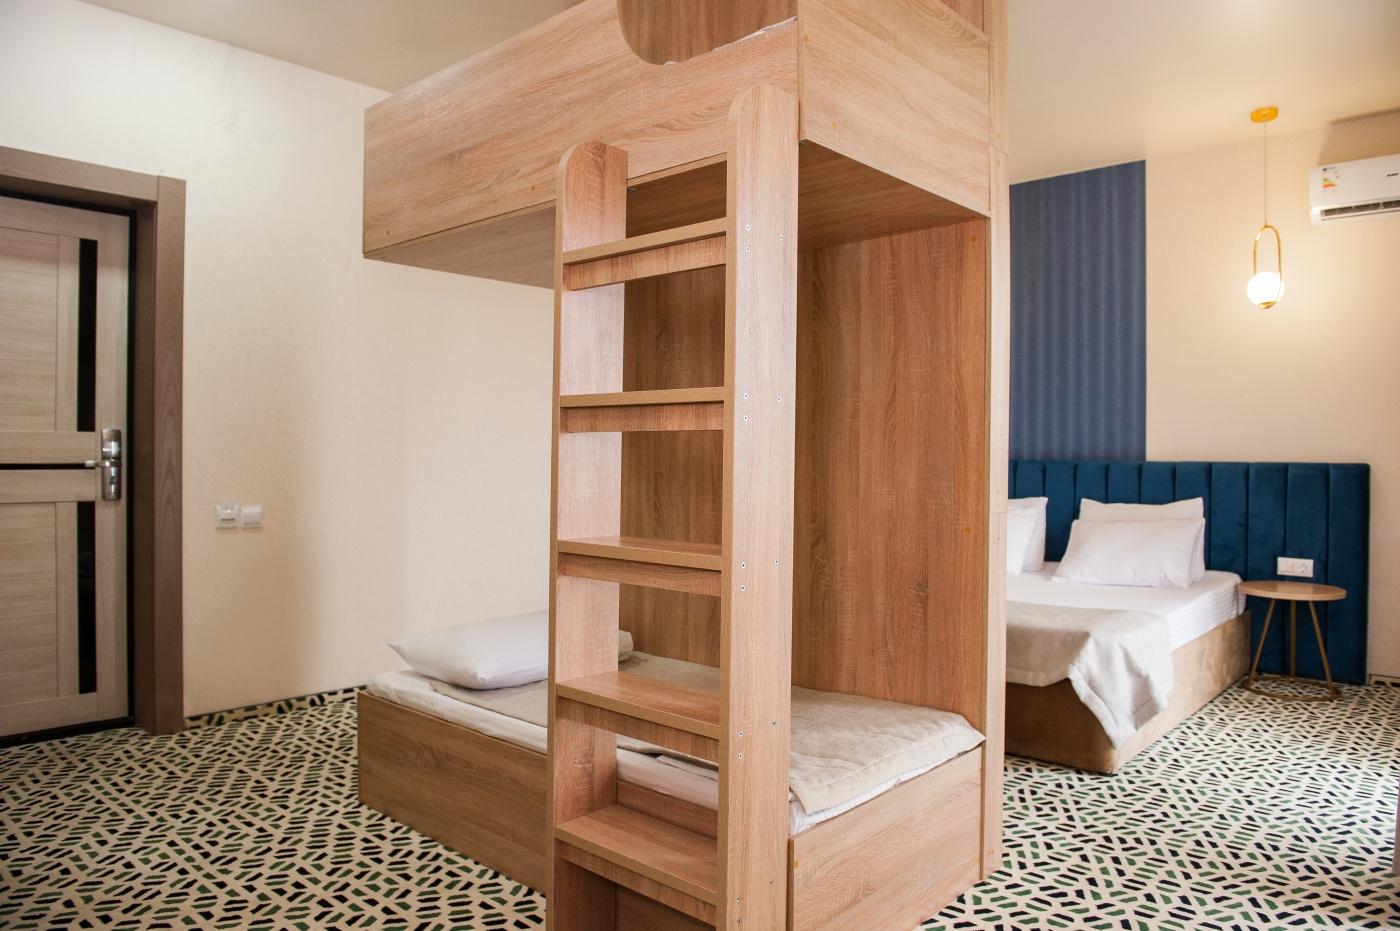 Отель «Aurum Family Resort & Spa» Краснодарский край Superior 2-местный , фото 2